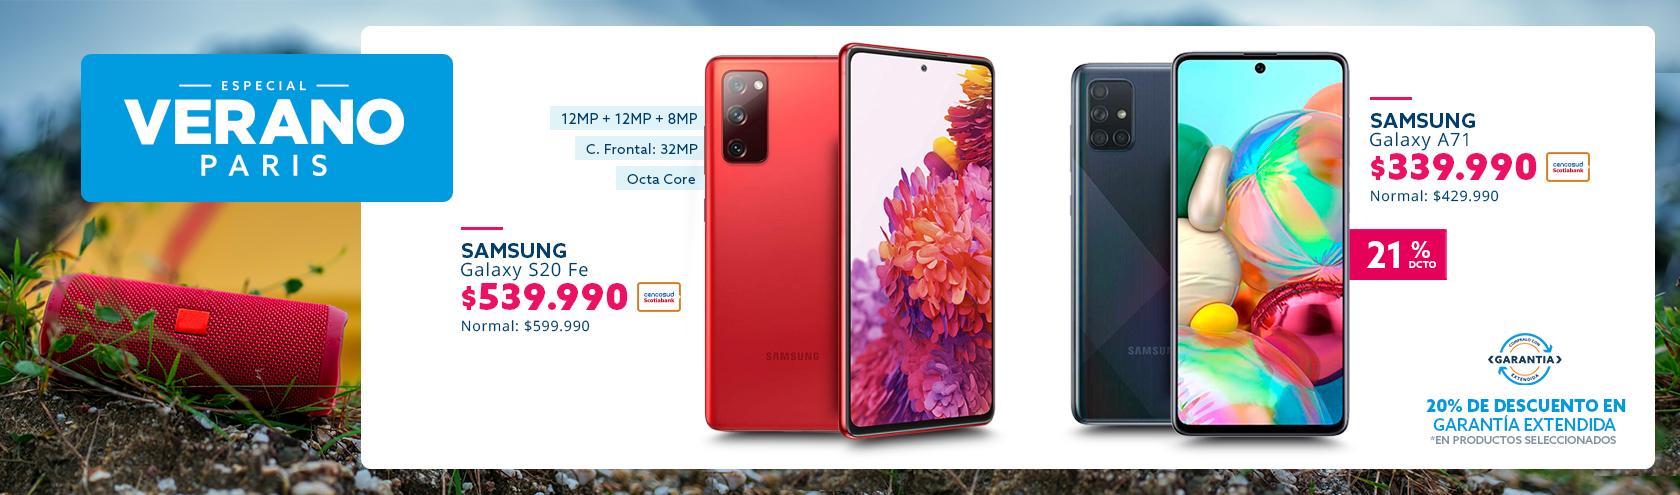 Especial Tecno Verano ofertas con tarjeta cencosud en smartphone Samsung